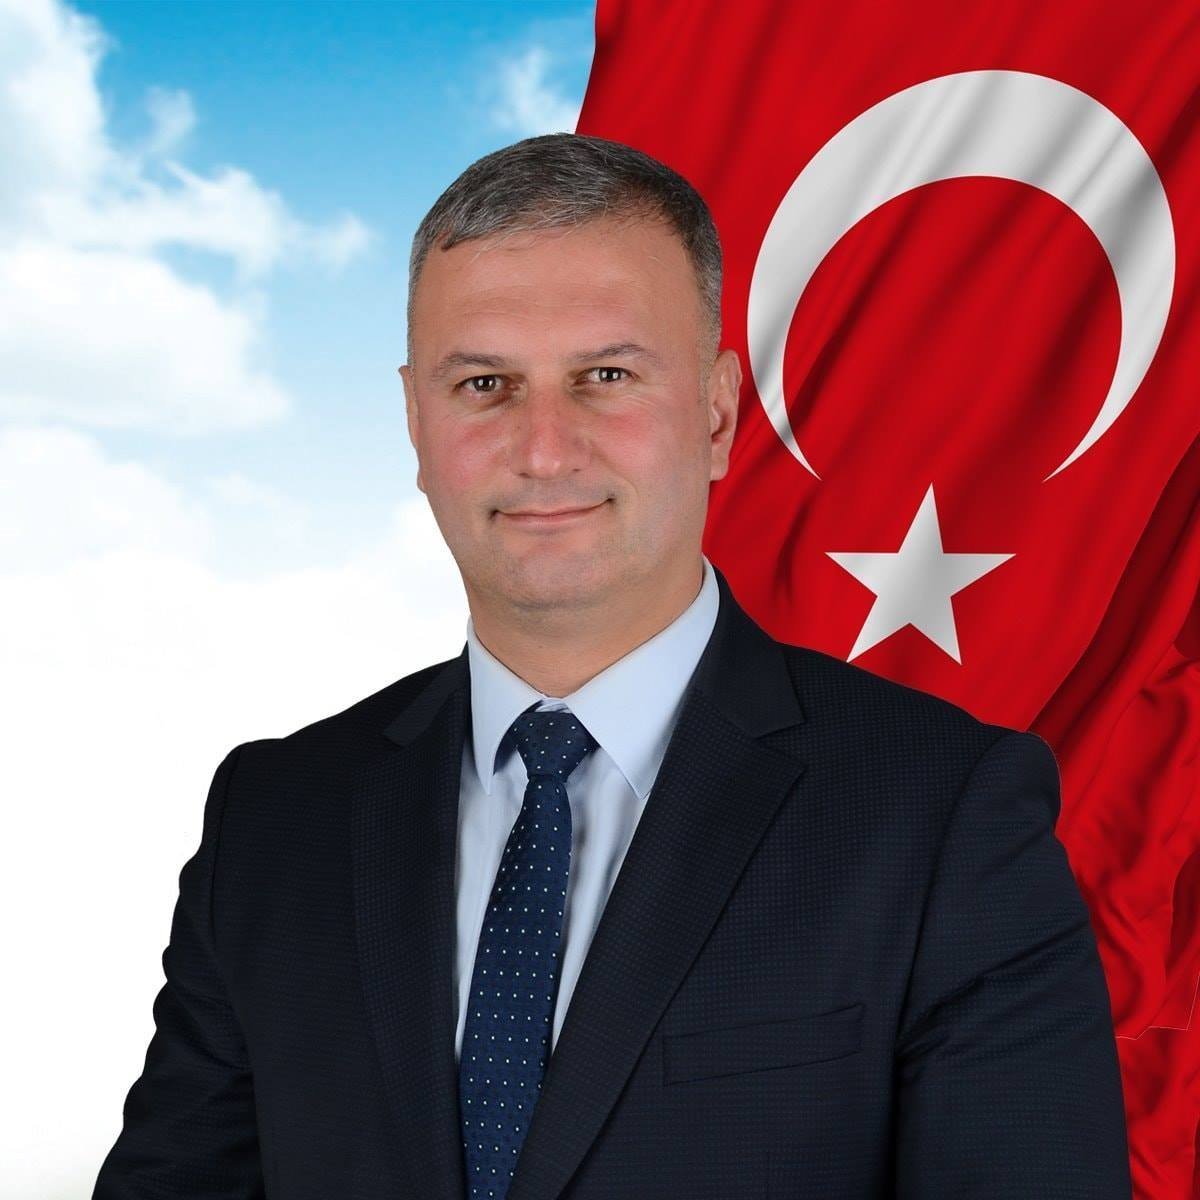 Karataş Belediye Başkanı Necip Topuz'dan 15 Temmuz Mesajı. – Karataş  Belediyesi